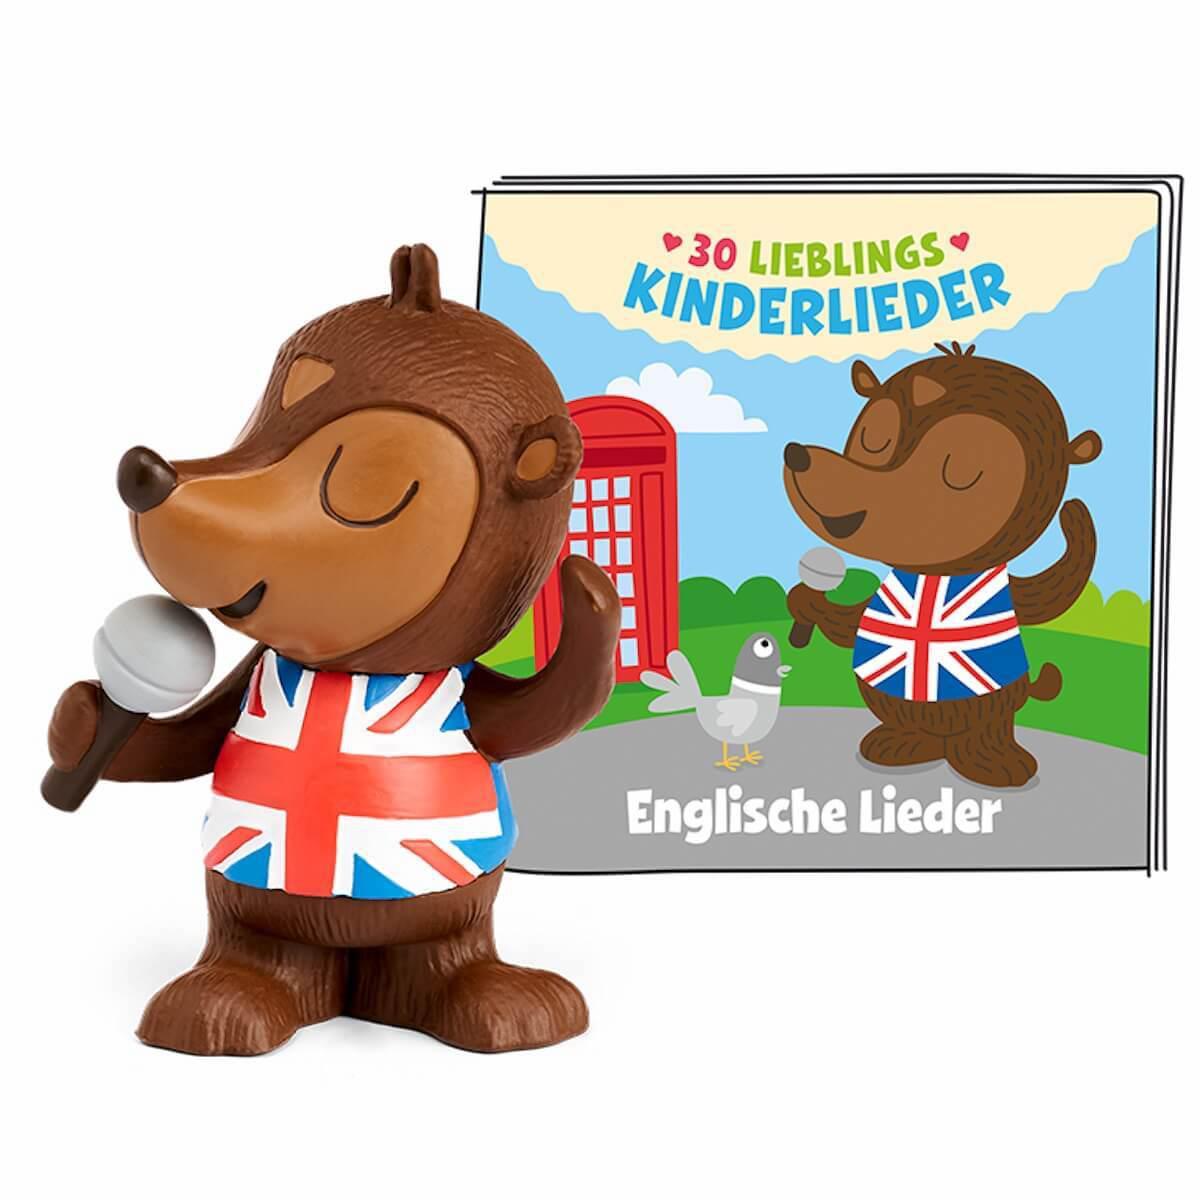 Hörspielfigur TONIES 30 Lieblings-Kinderlieder Englische Lieder